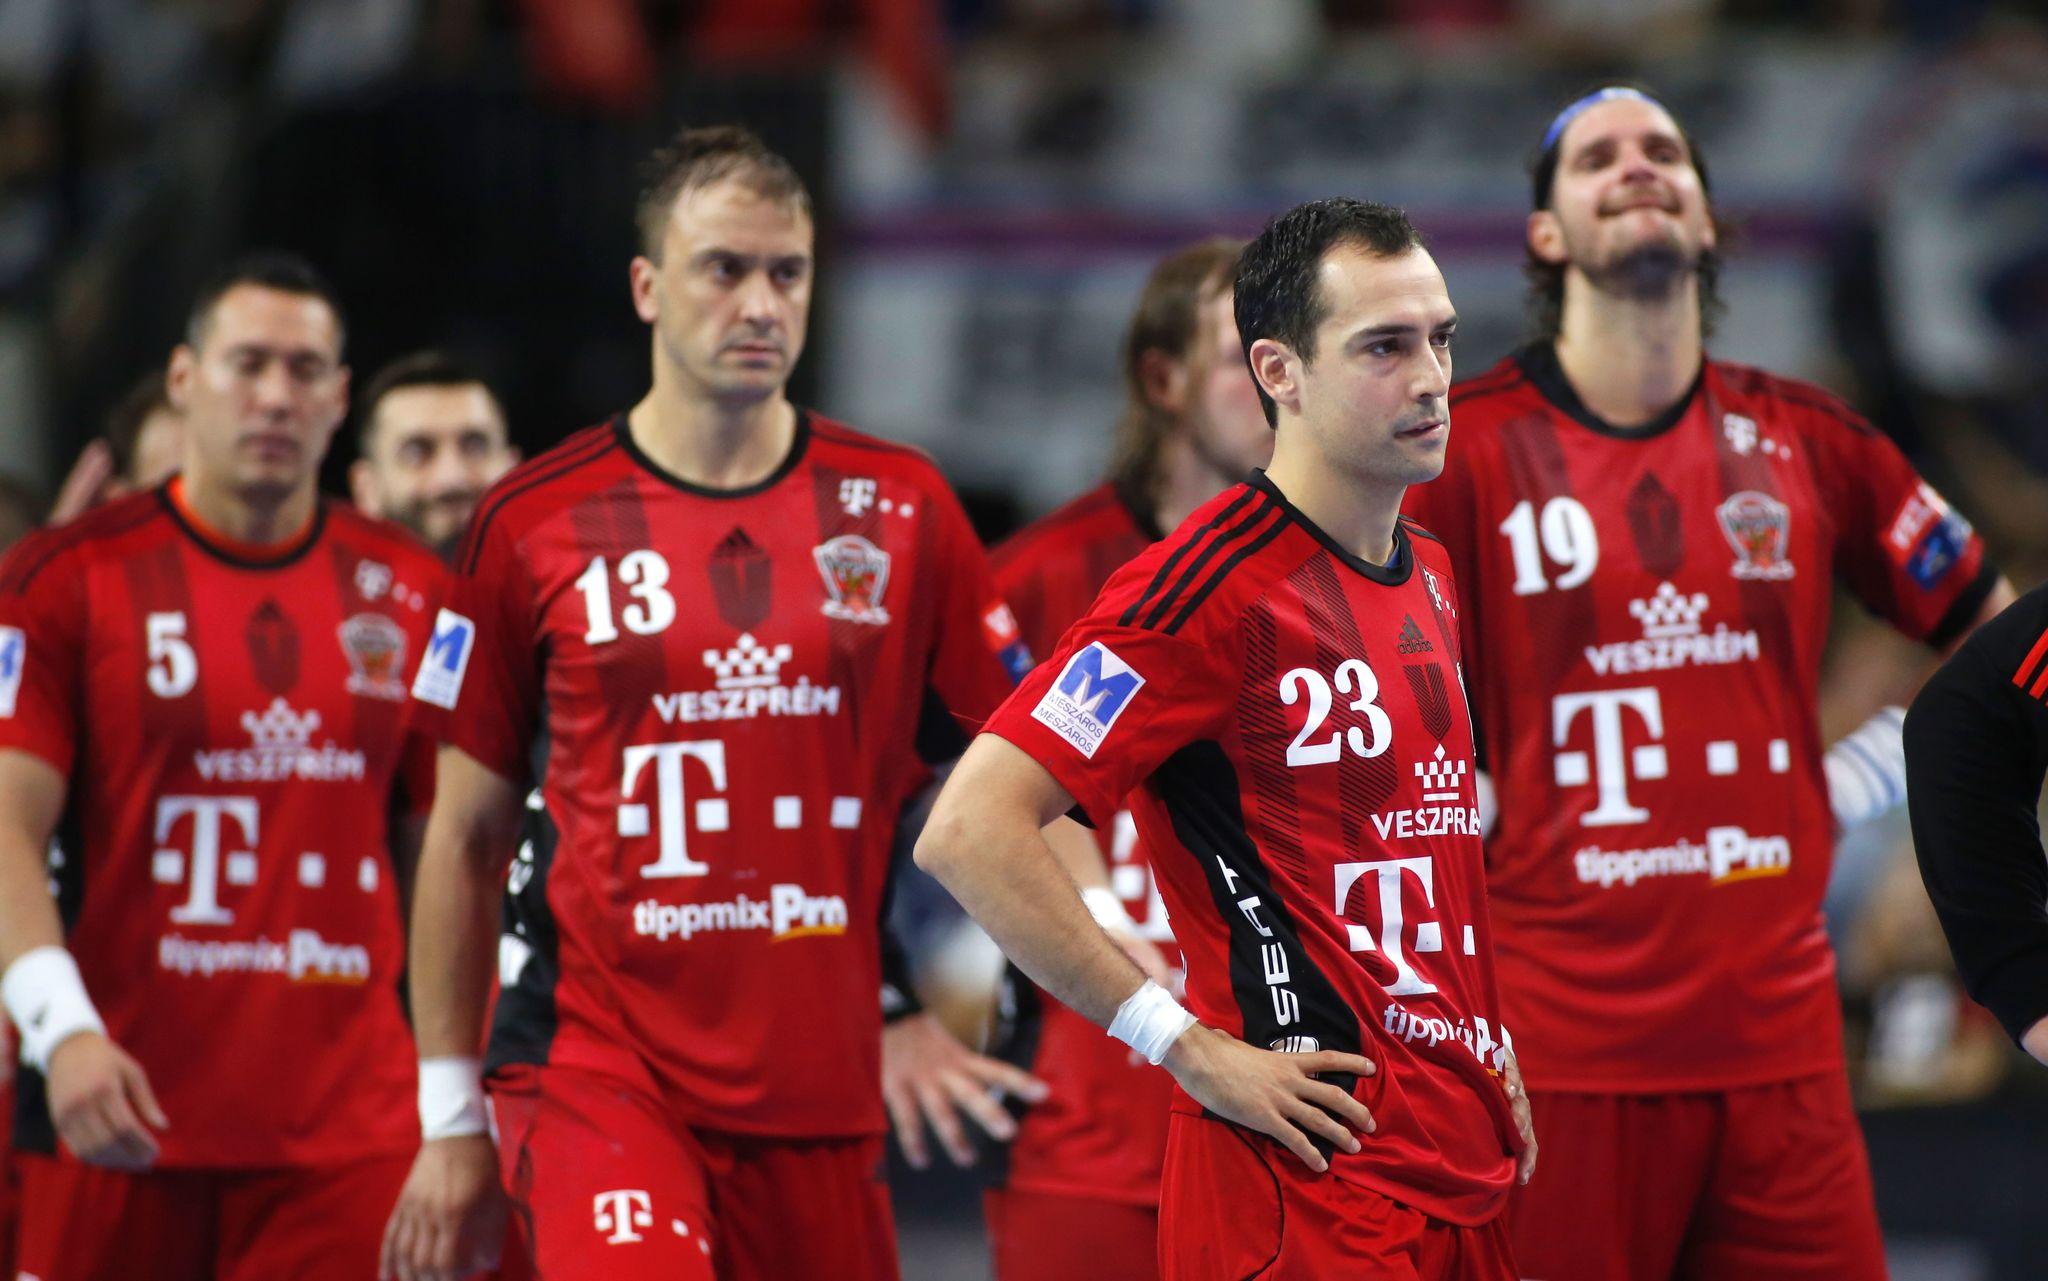 Los jugadores del Veszprem, tras su derrota.